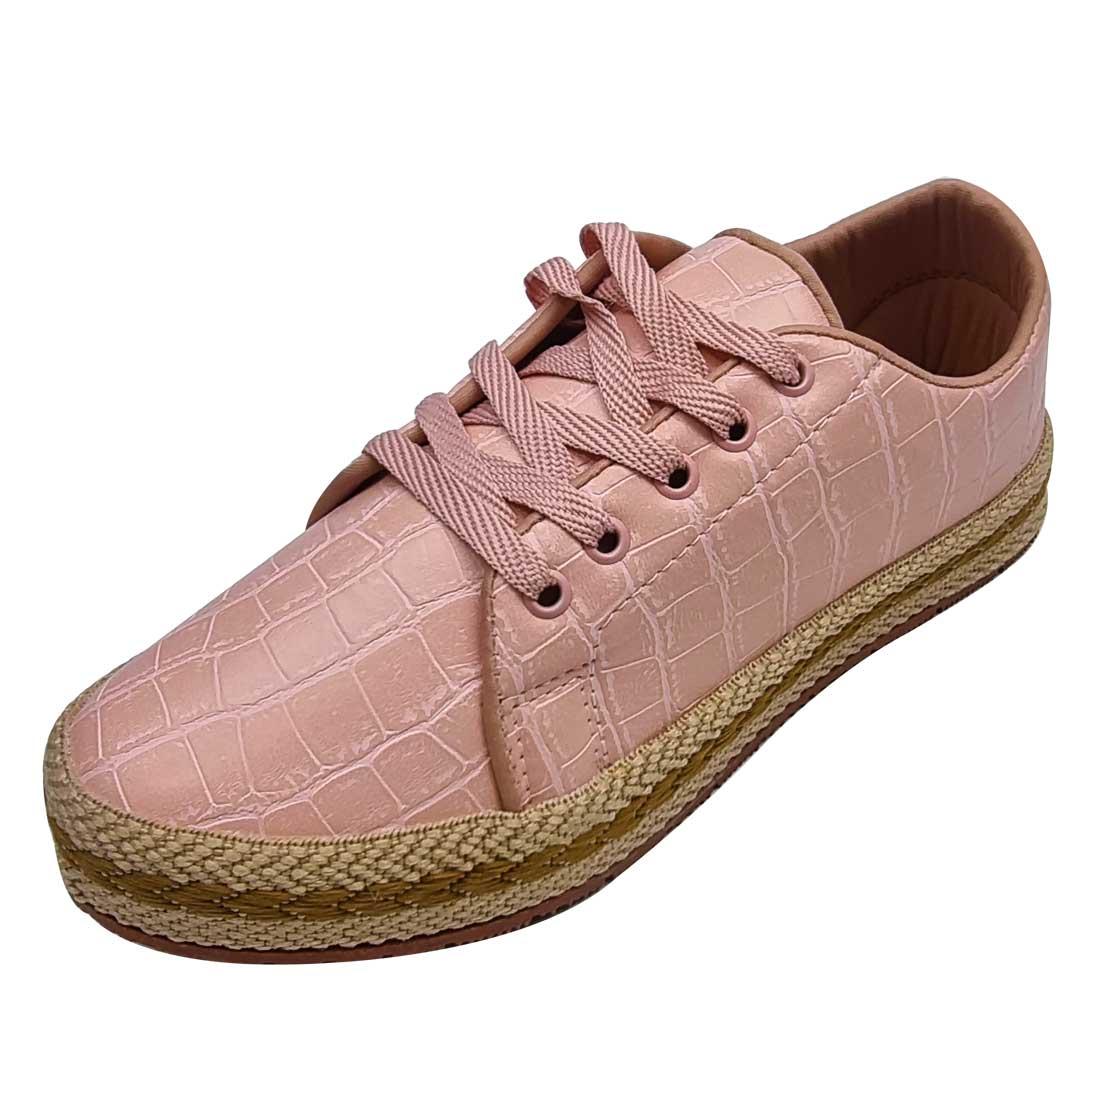 Tênis Croco com Corda - Rosé